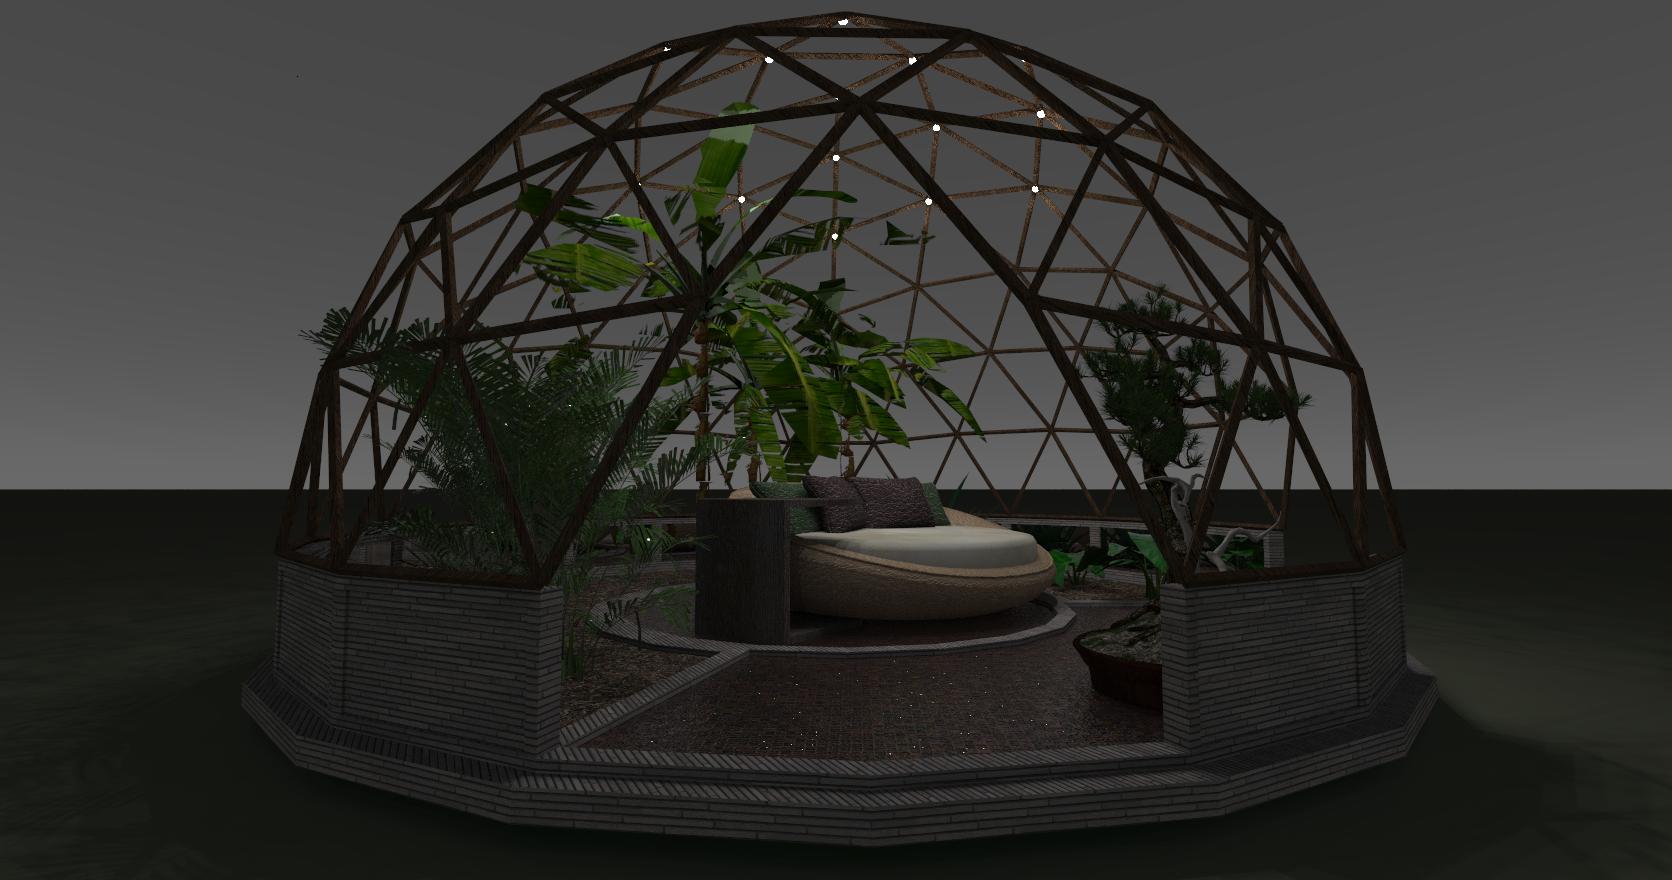 6x6 garden dome designs77